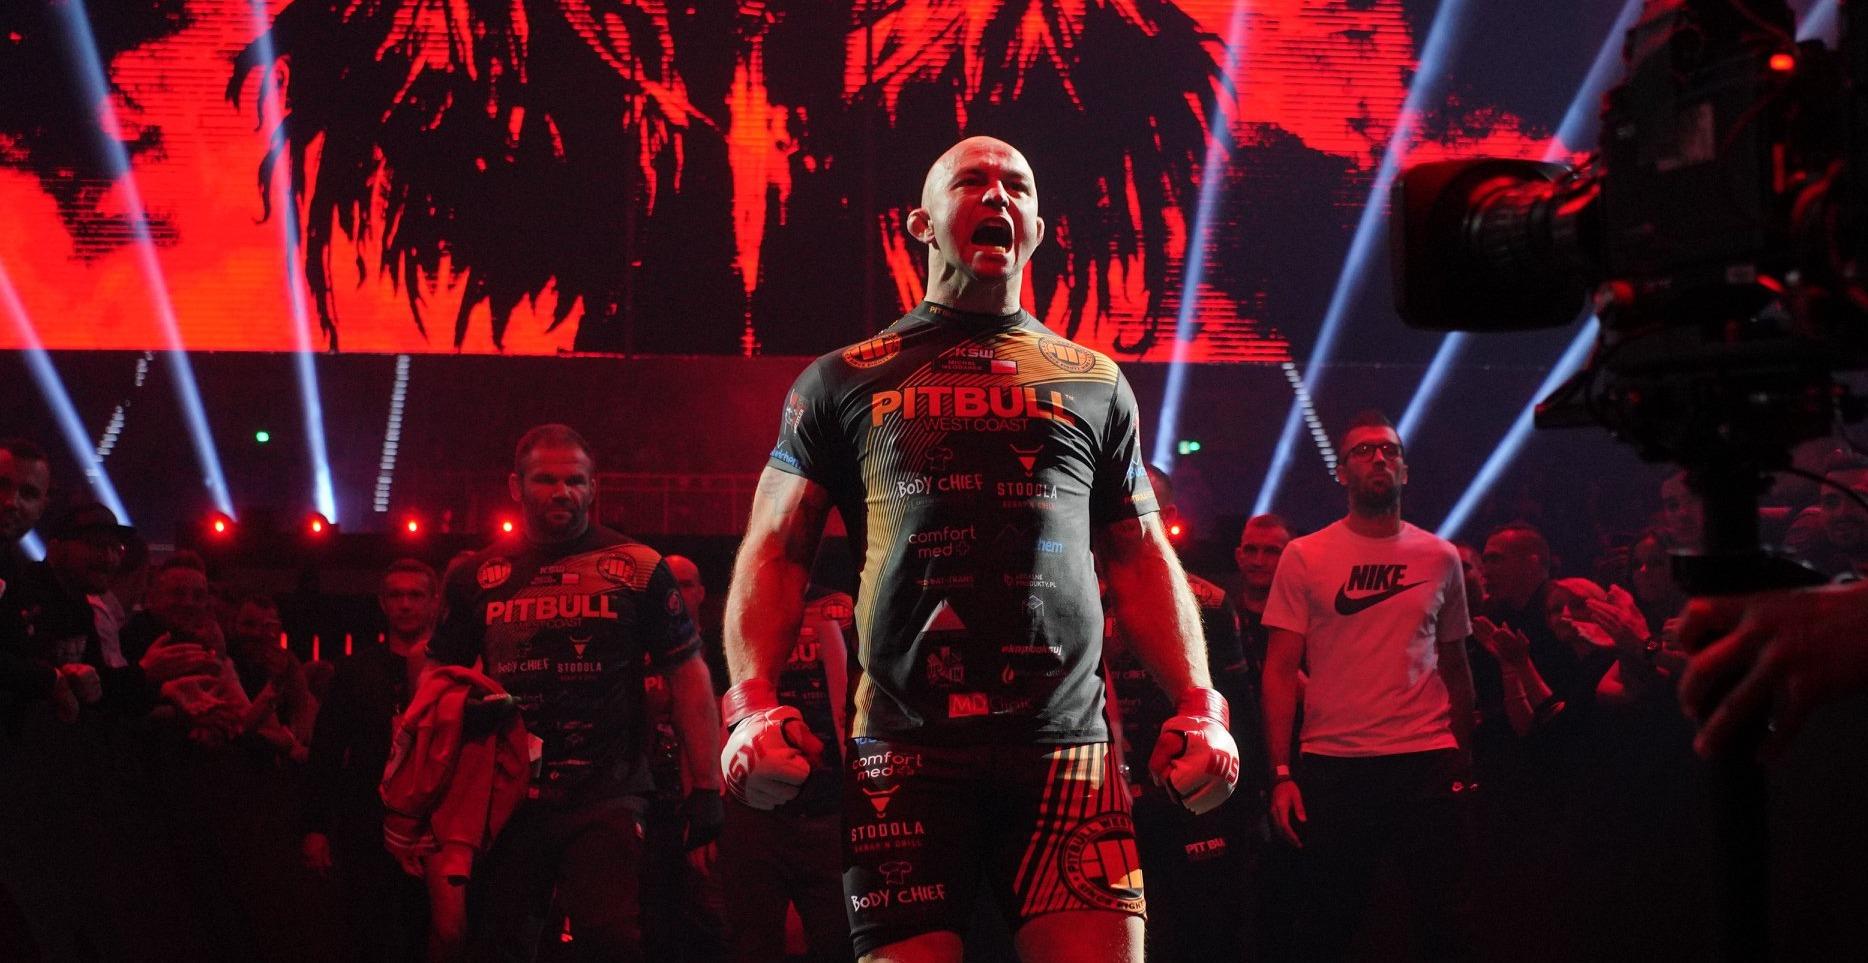 Doniesienia: Michał Włodarek zmierzy się z byłym zawodnikiem UFC na KSW 58! - Polish Fighters